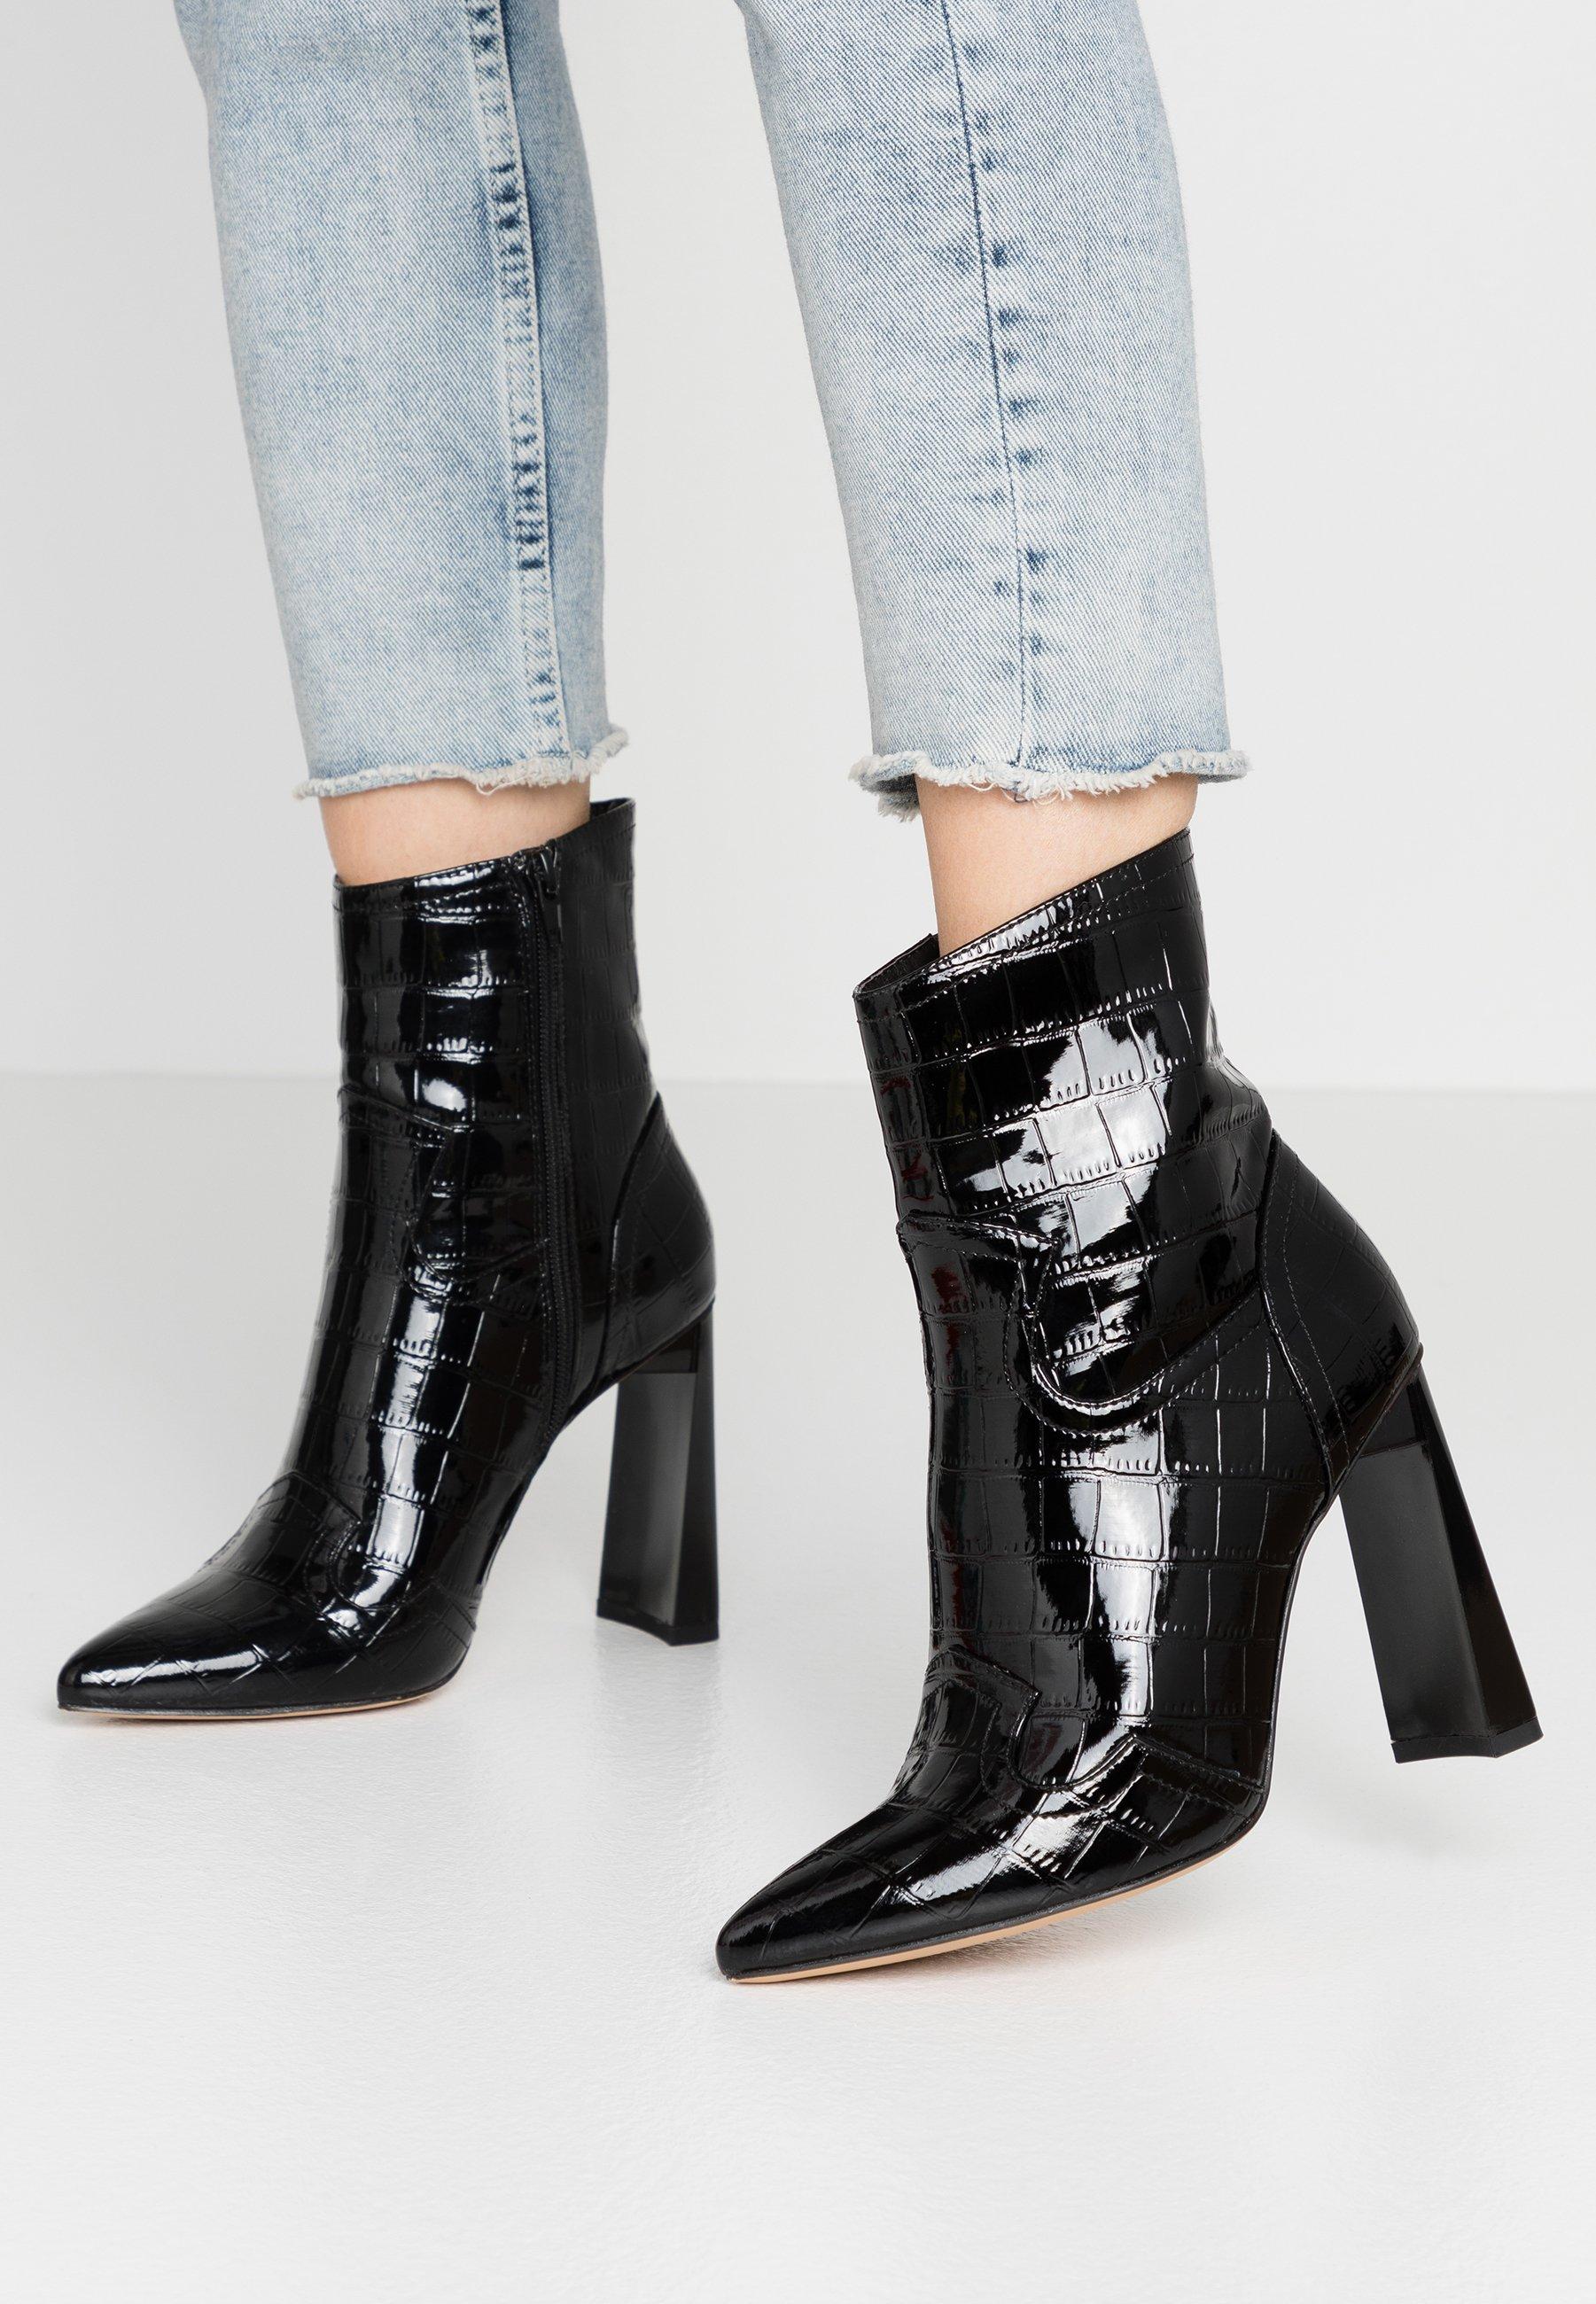 Missguided FEATURE SHINY WESTERN BOOT - Bottines à talons hauts - black - Chaussures à talons femme Qualité